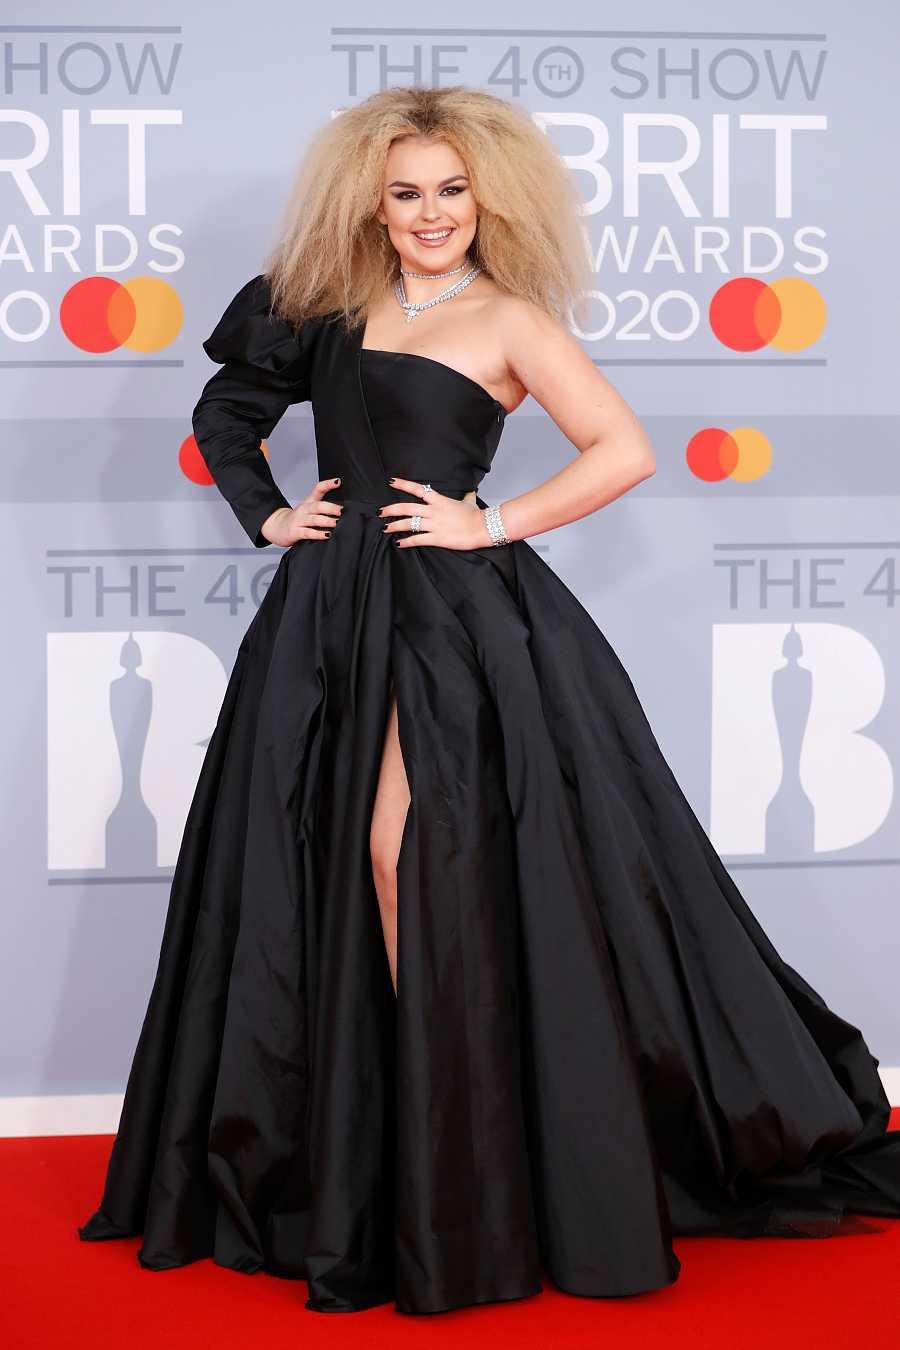 La cantante y compositora Tallia Storm en los Brit Awards con un vestido negro asimétrico con manga abullonada y falda con volumen y gran abertura central